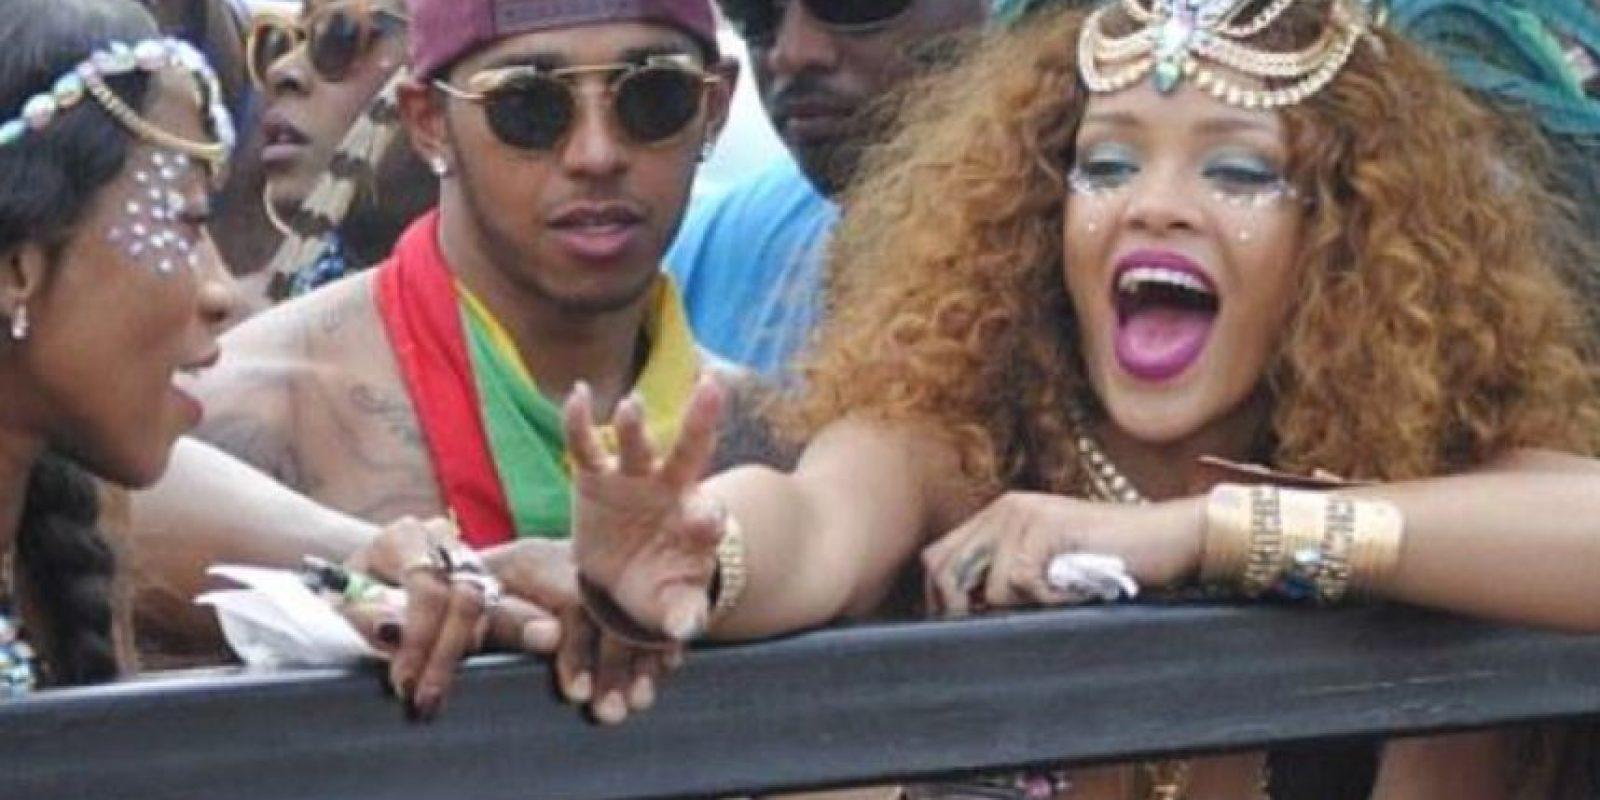 El mes pasado se dejó ver en el Carnaval de Barbados al lado de Rihanna Foto:Vía instagram.com/badgalriri